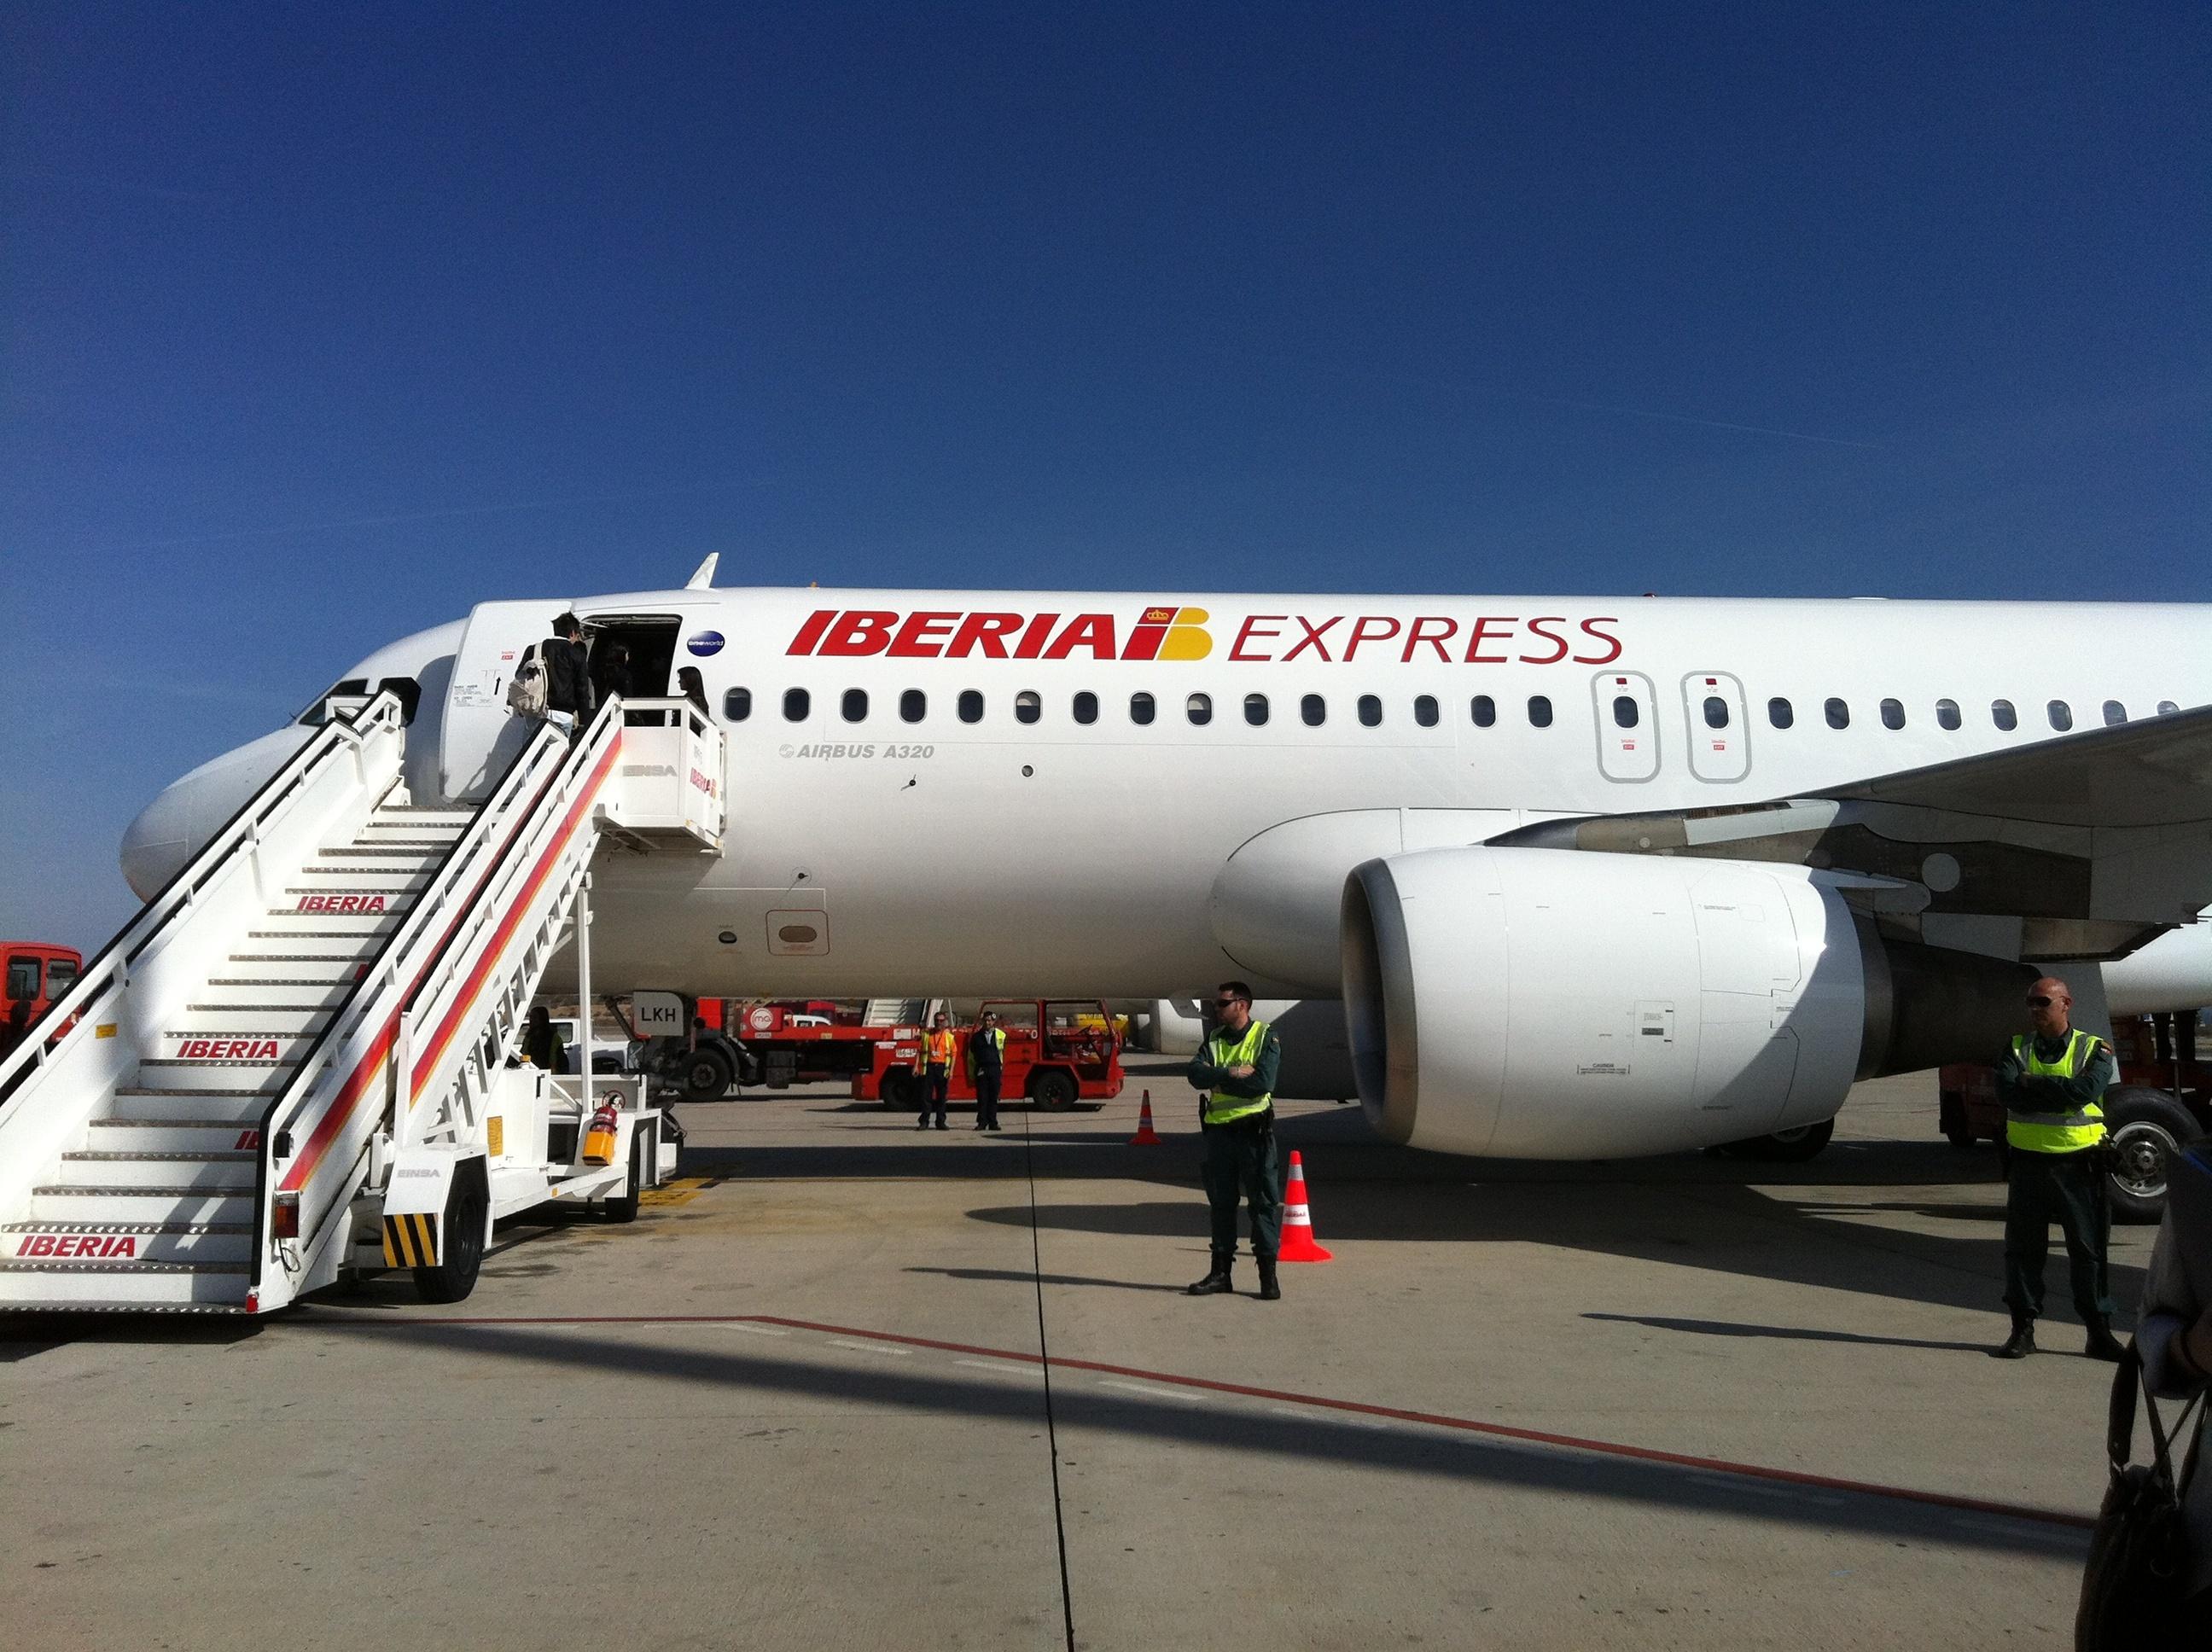 Iberia Express ofrecerá 34 conexiones adicionales entre Canarias y Madrid durante las navidades